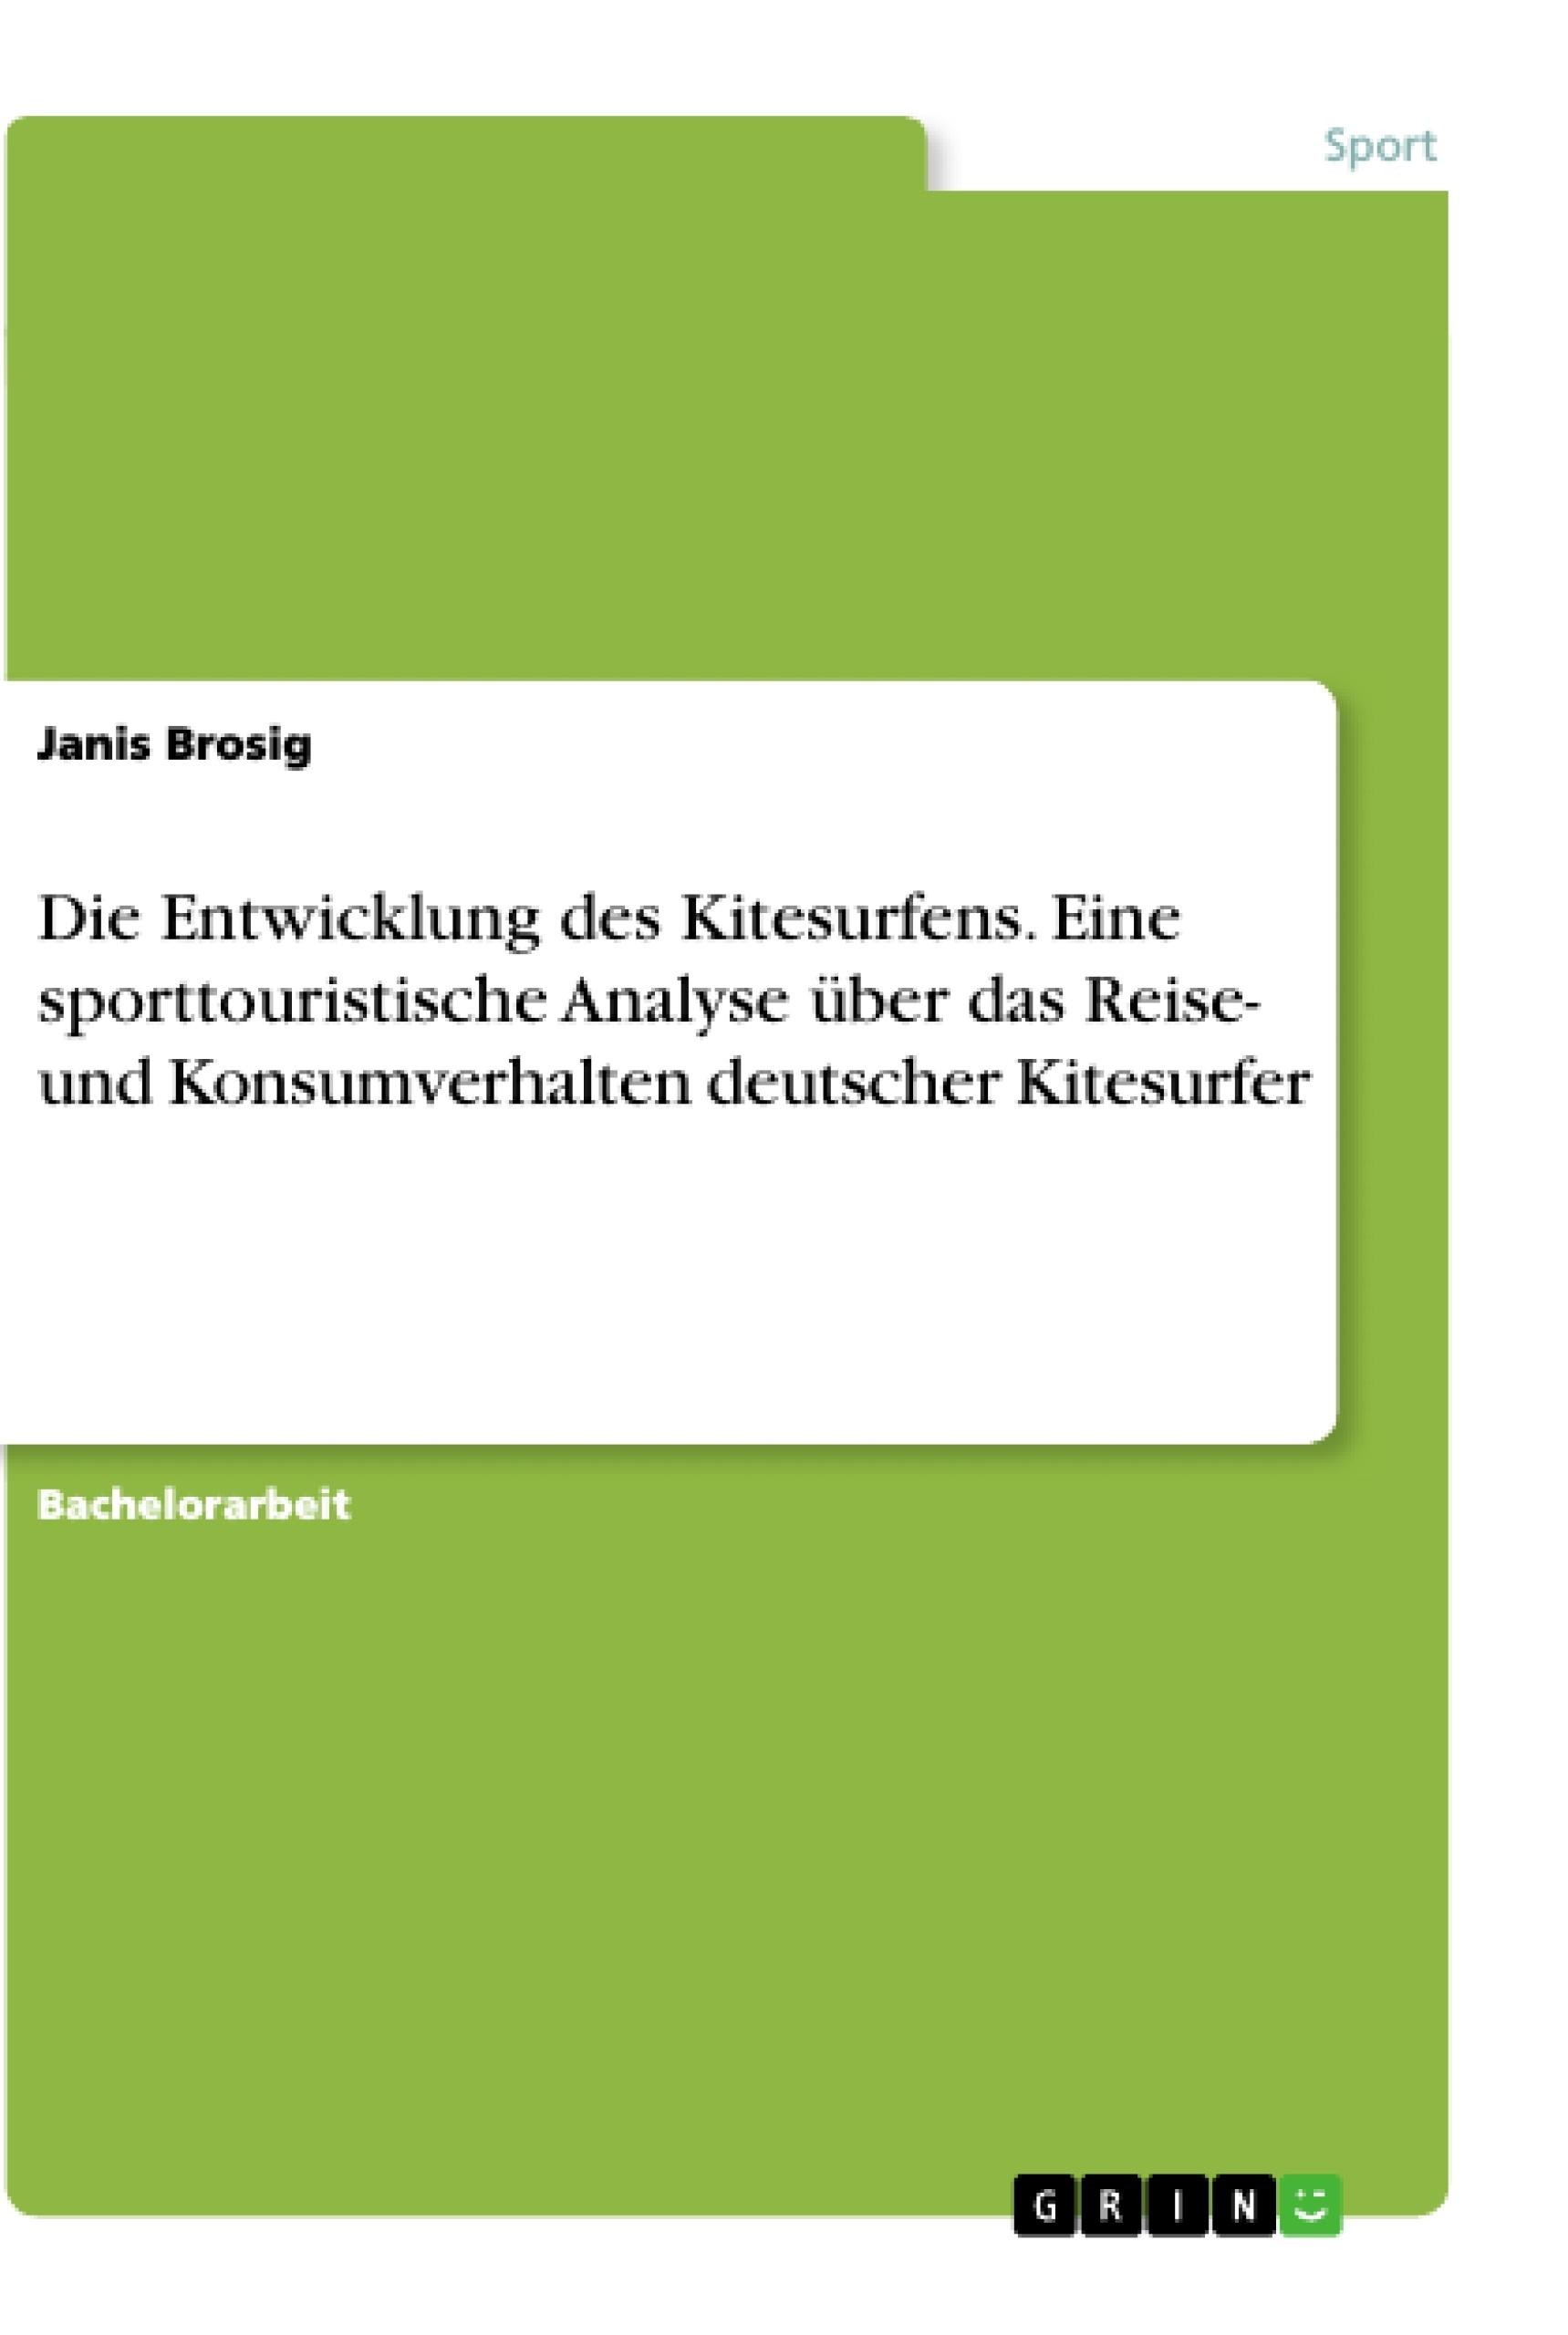 Titel: Die Entwicklung des Kitesurfens. Eine sporttouristische Analyse über das Reise- und Konsumverhalten deutscher Kitesurfer